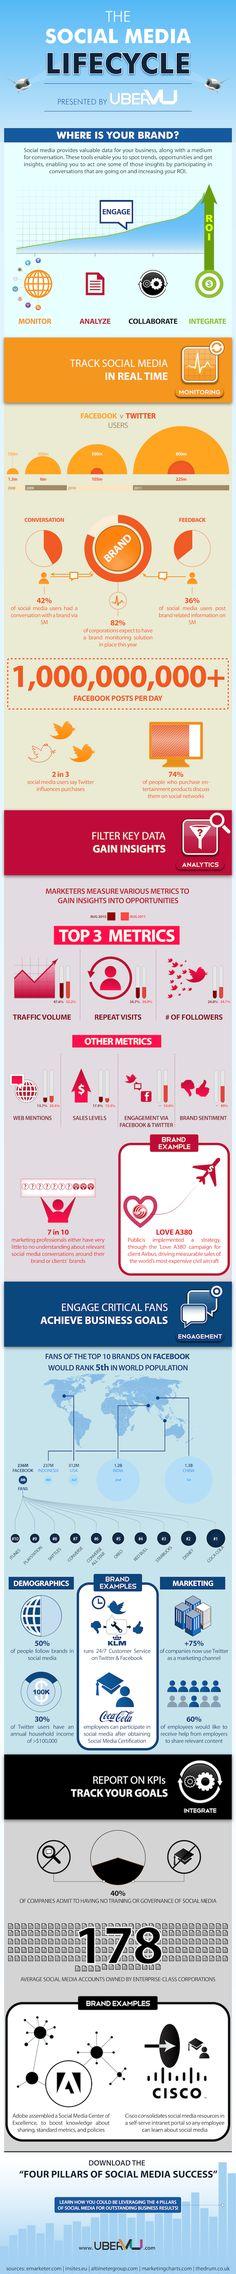 Social Media Life Cycle  mapsmagic.com/